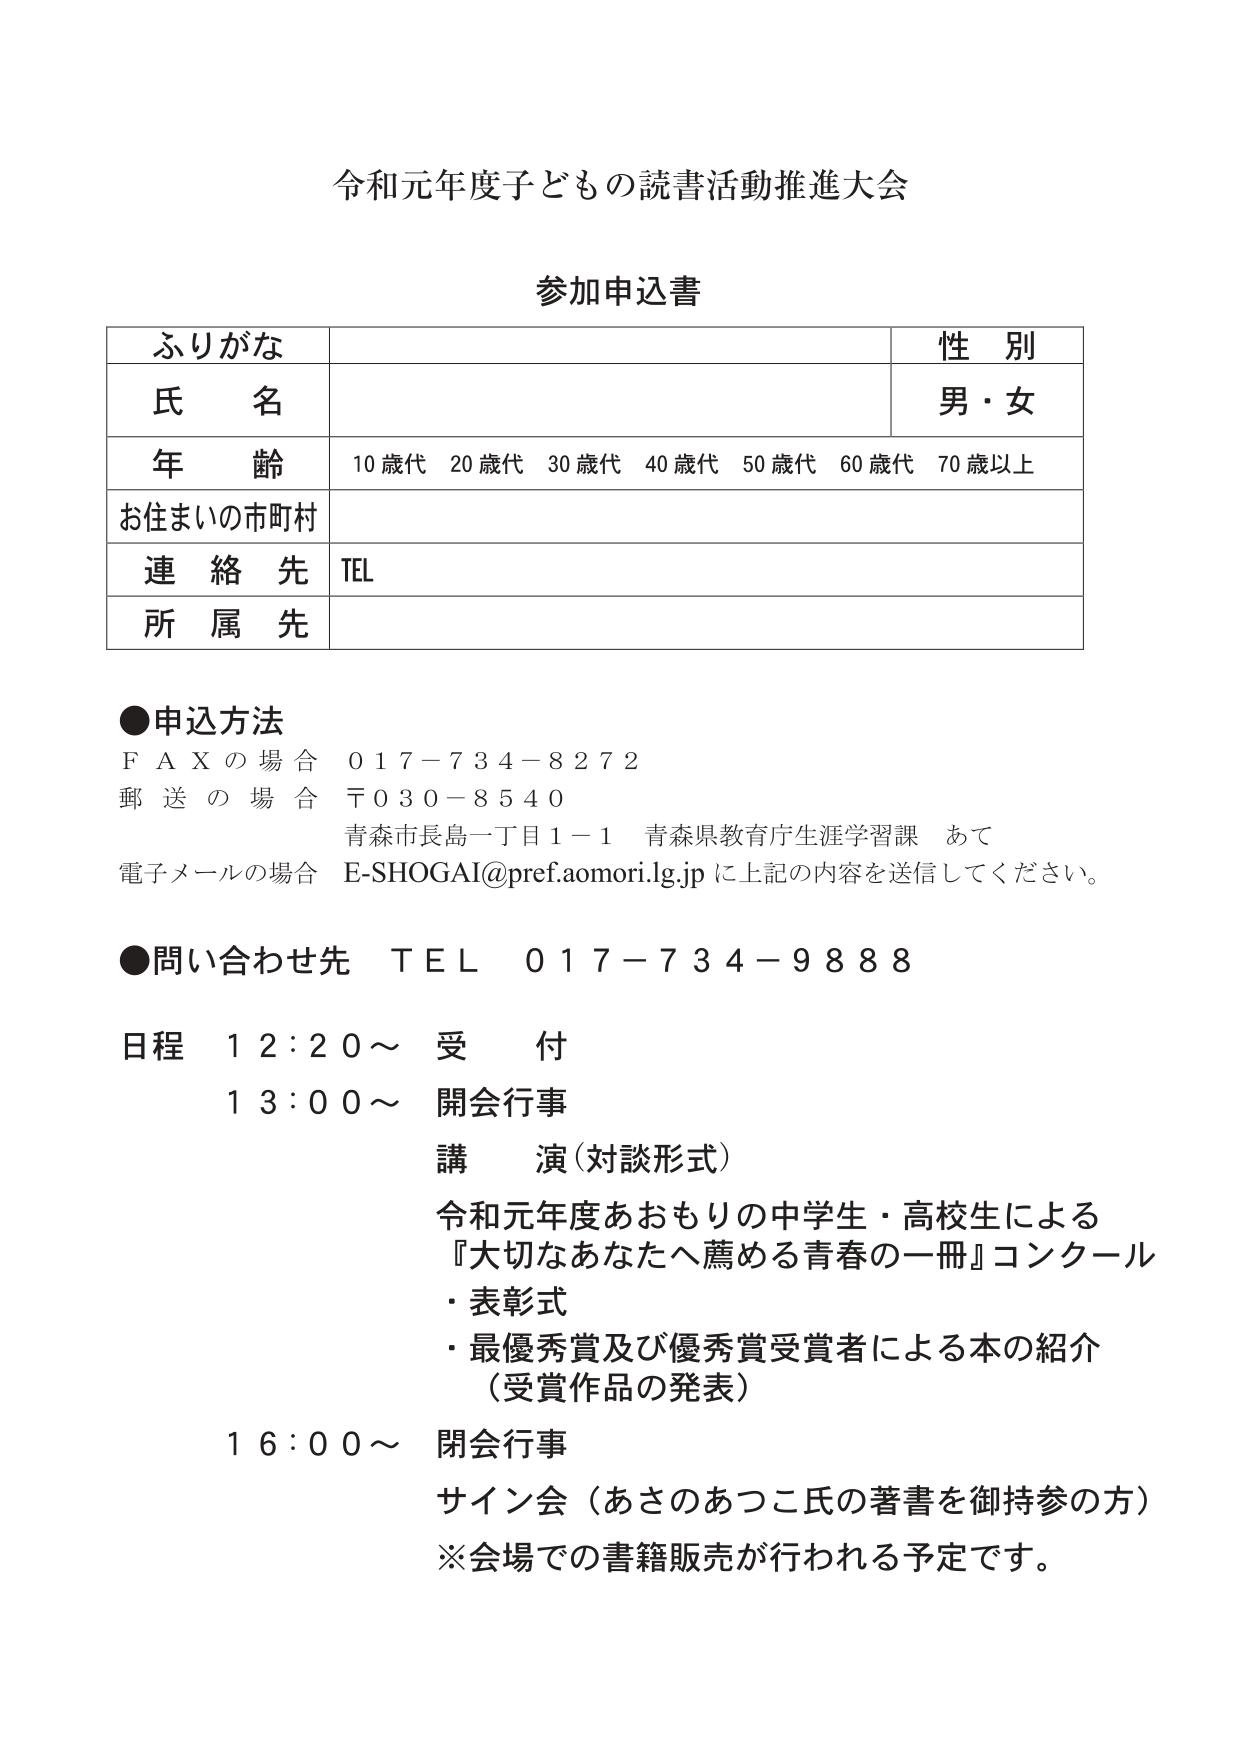 チラシ_page-0002.jpg